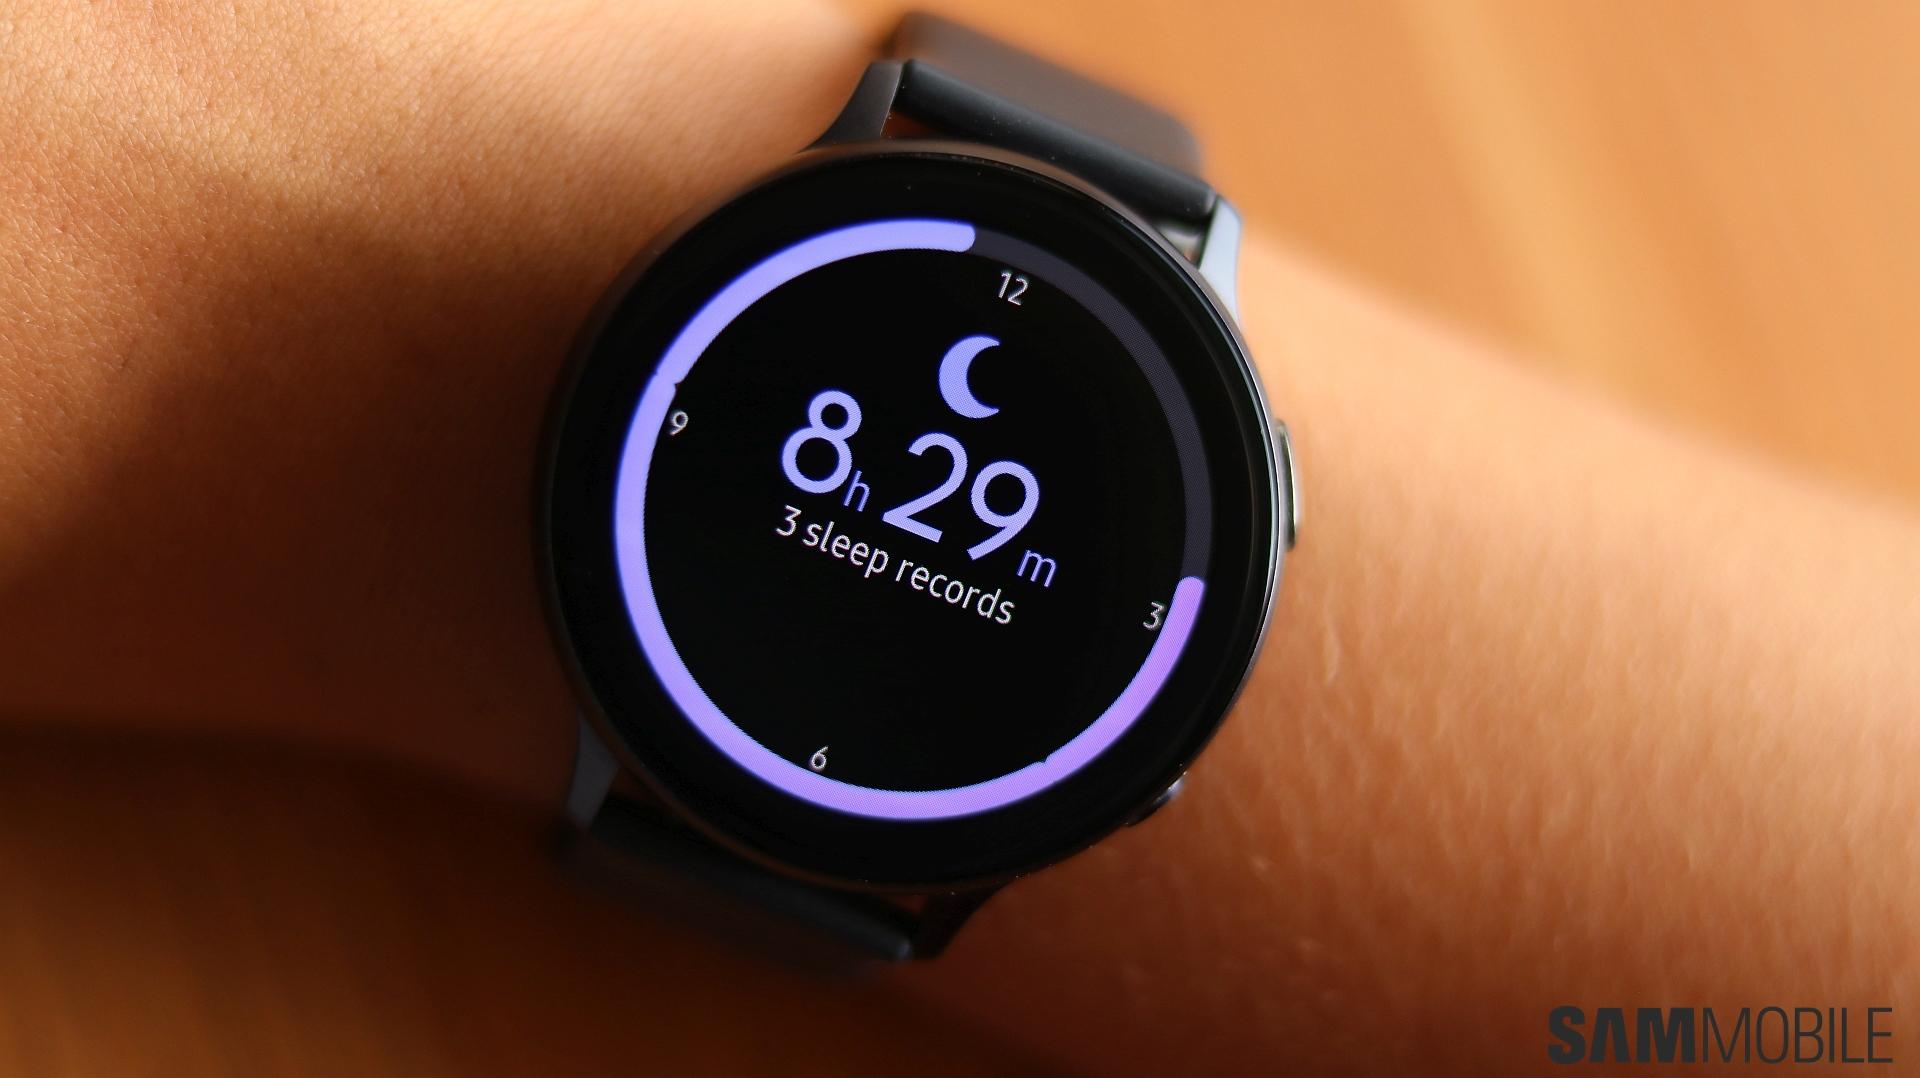 Galaxy Watch Active 2 review: Samsung's best smartwatch yet - SamMobile